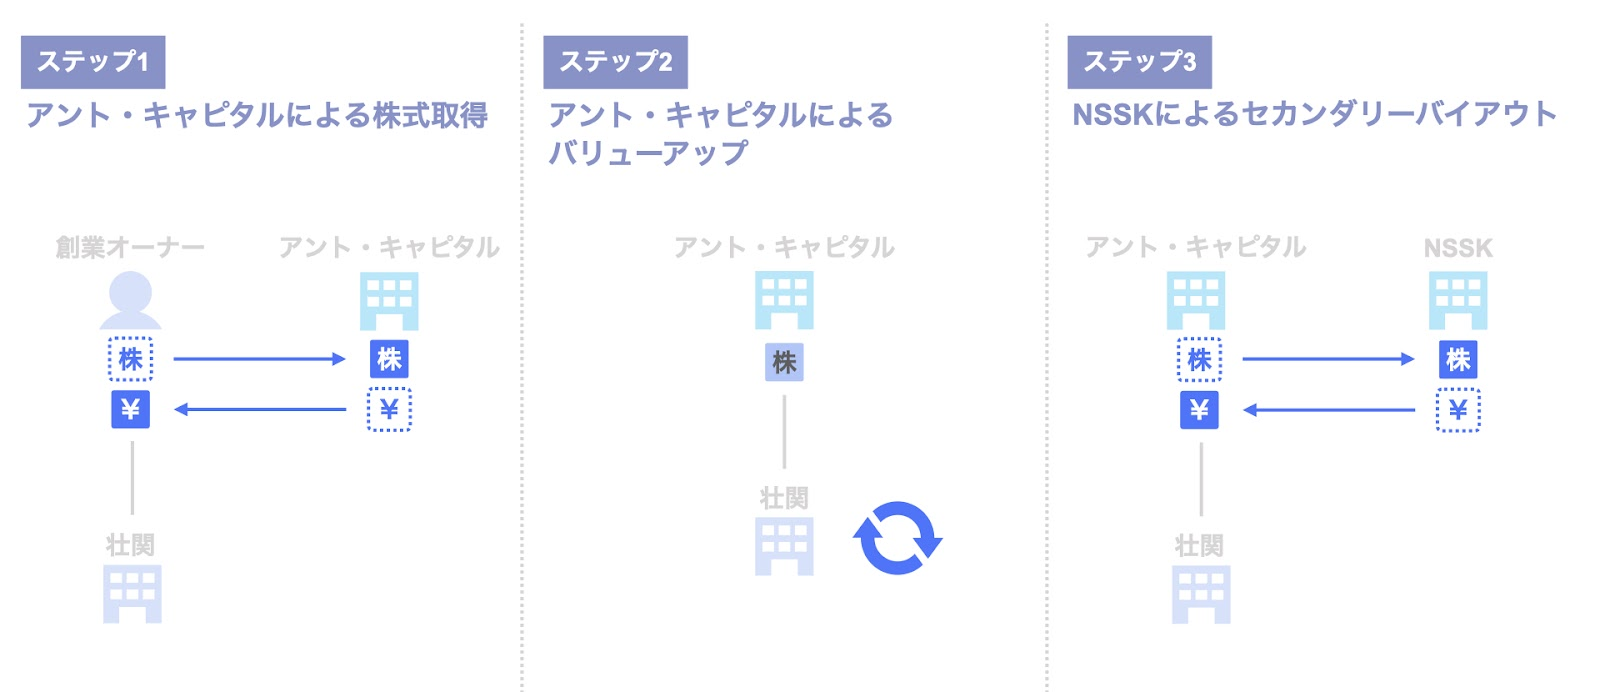 投資事例:日本産業推進機構(NSSK)による壮関への投資案件のスキーム